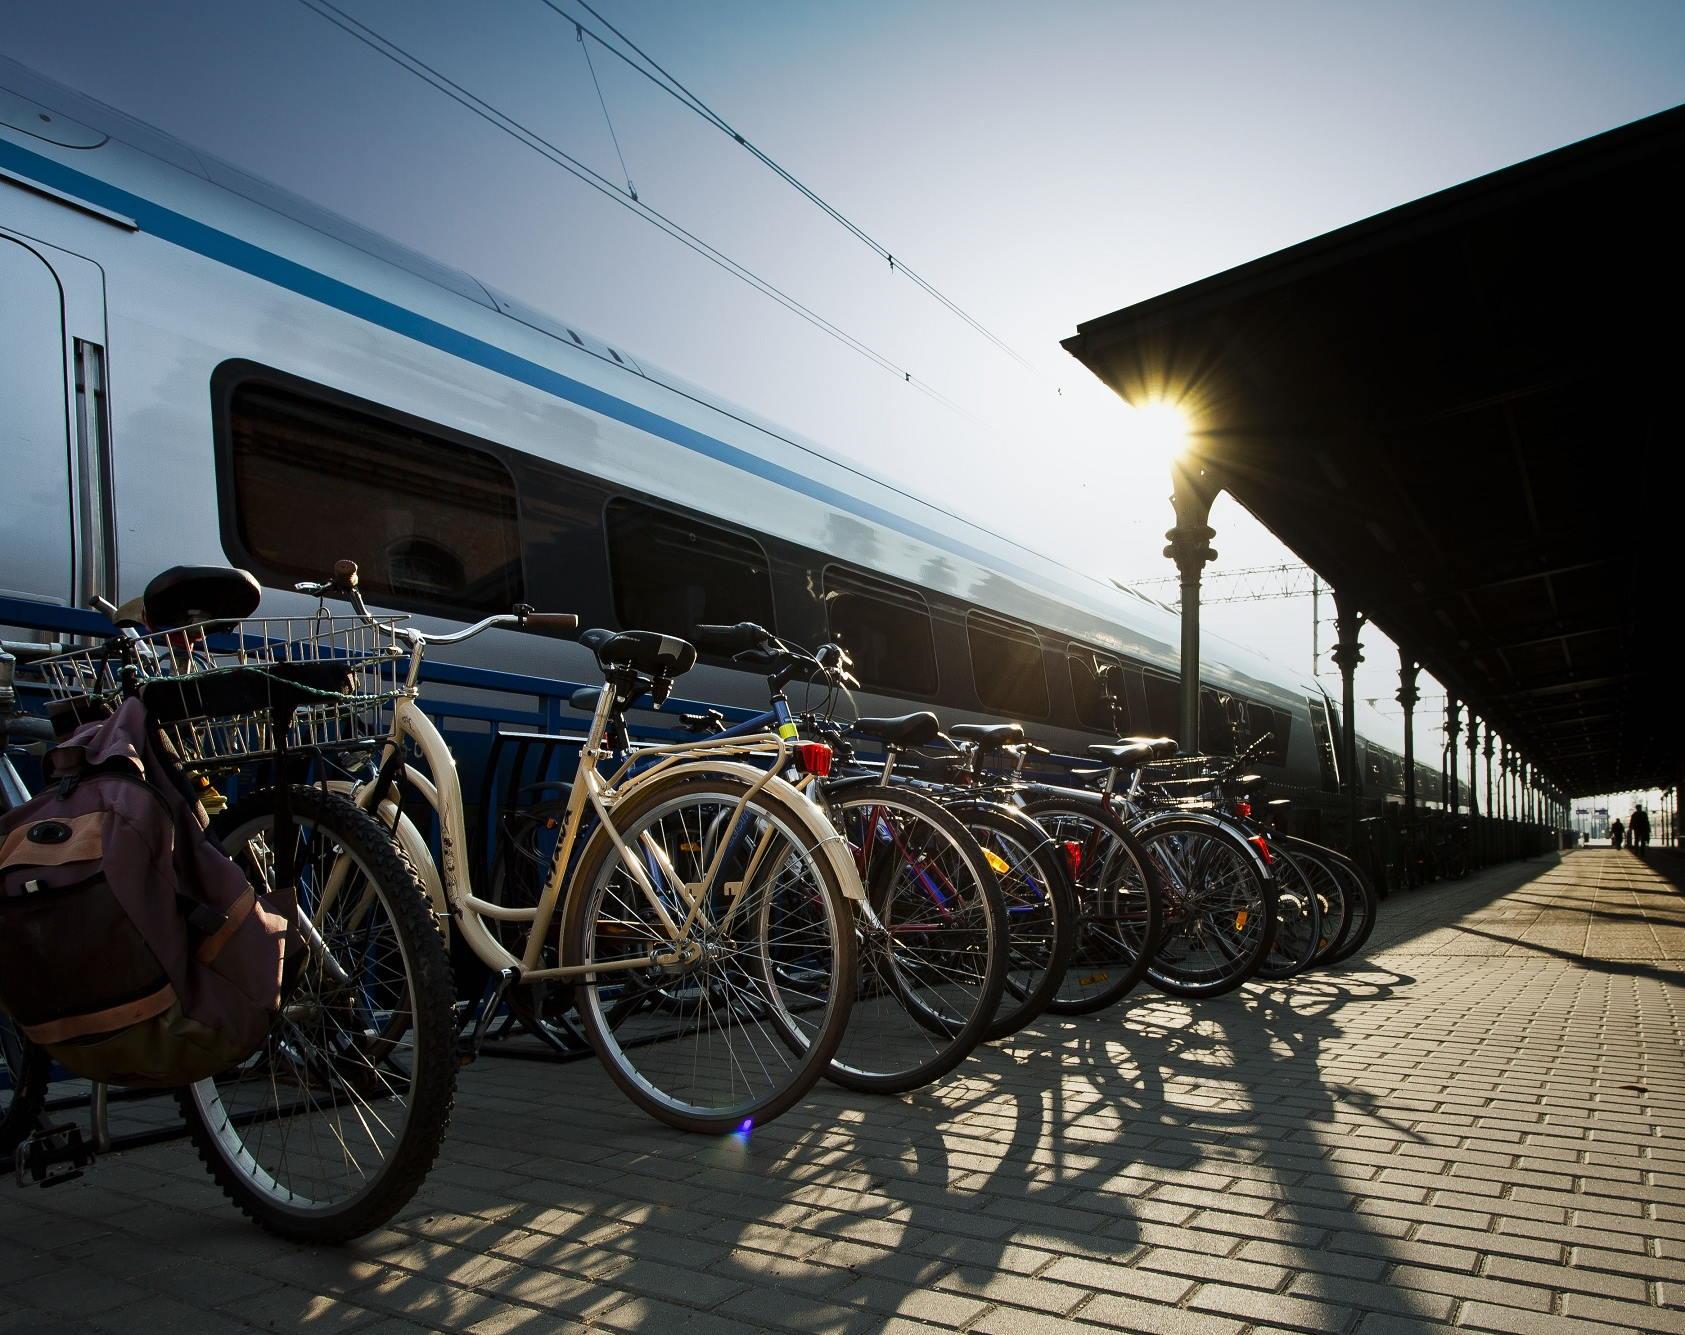 Z PKP Intercity rowerzyści przewiozą swój rower za złotówkę